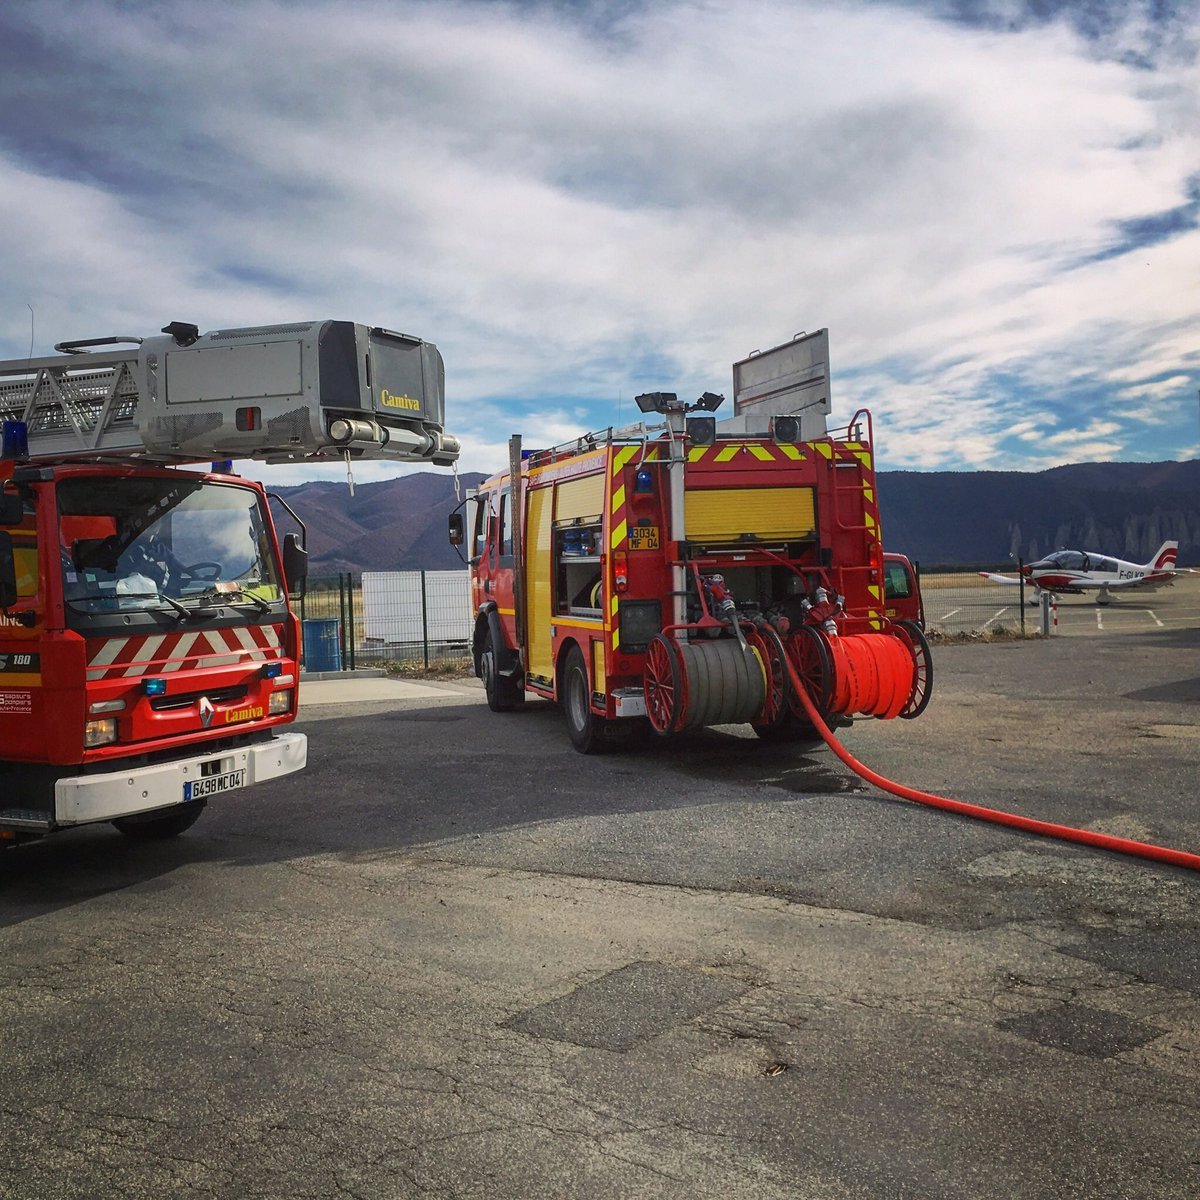 🇫🇷 Château-Arnoux-Saint-Auban (04) : Départ de feu à l'aérodrome